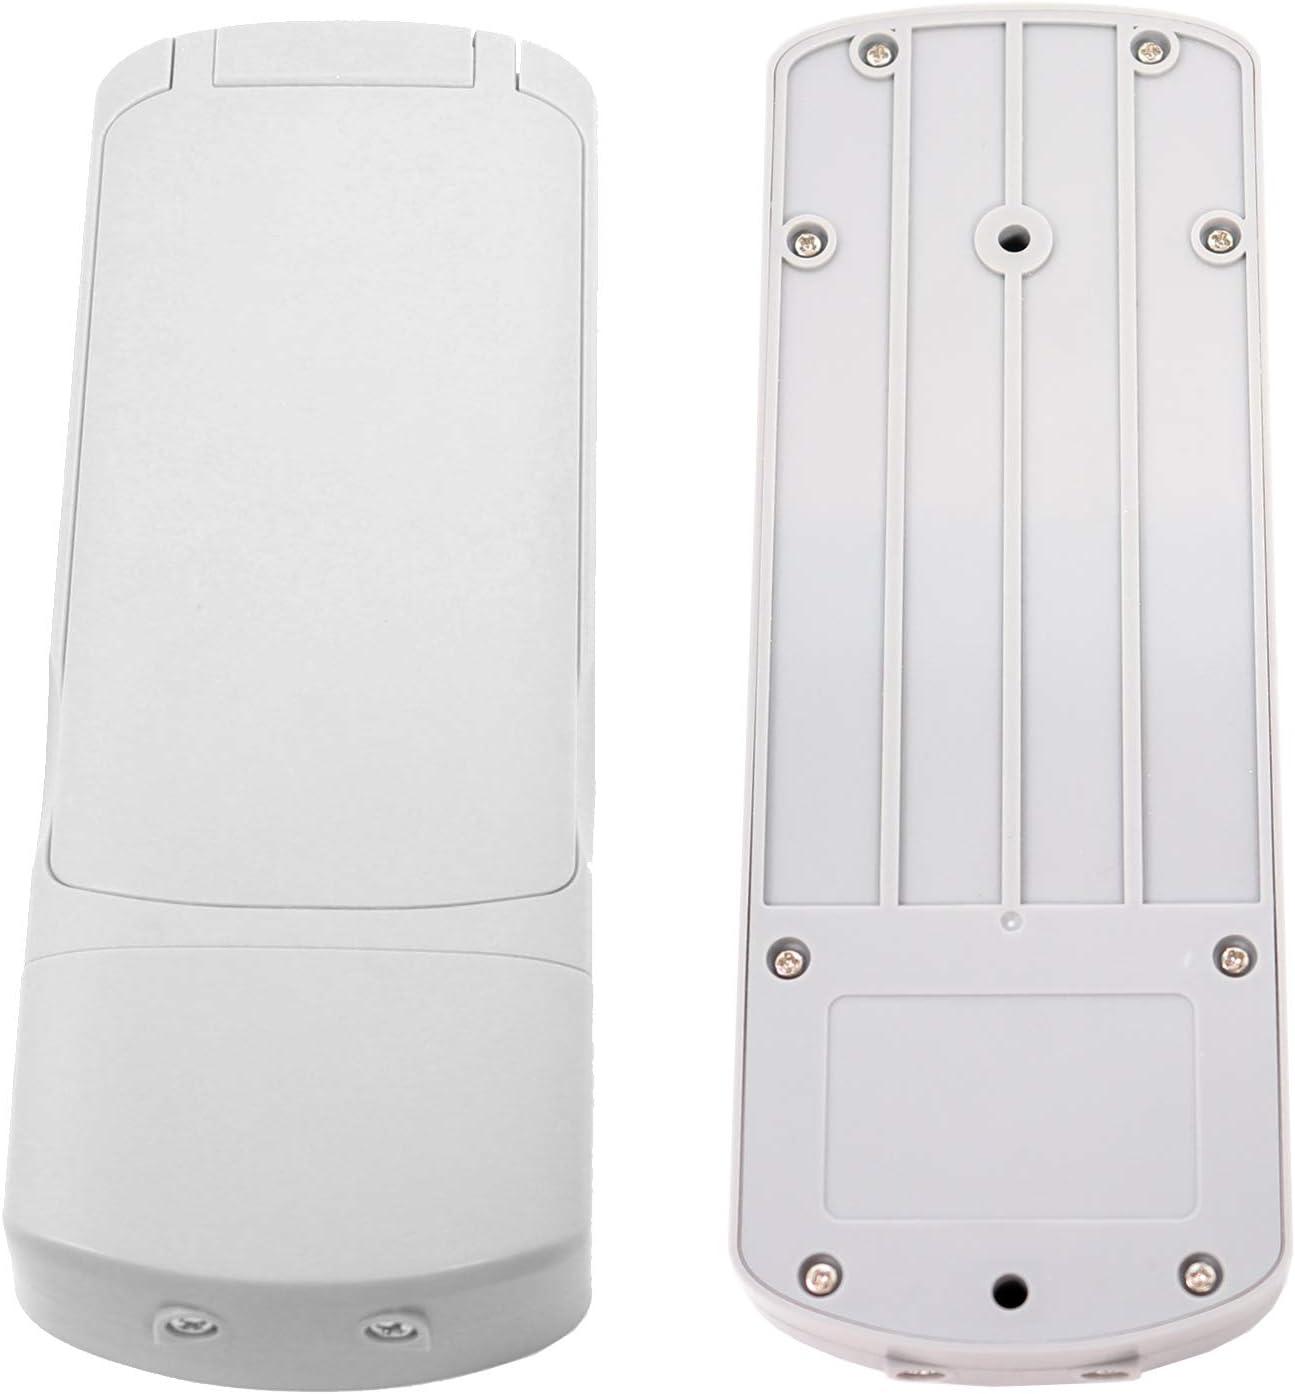 Belko Wireless Keypad//Fernbedienung mit Zahlenfeld f/ür Schwing- /& Roll-Tore f/ür Garagentor-Antrieb 433 Mhz 2 Kanal Codetaster